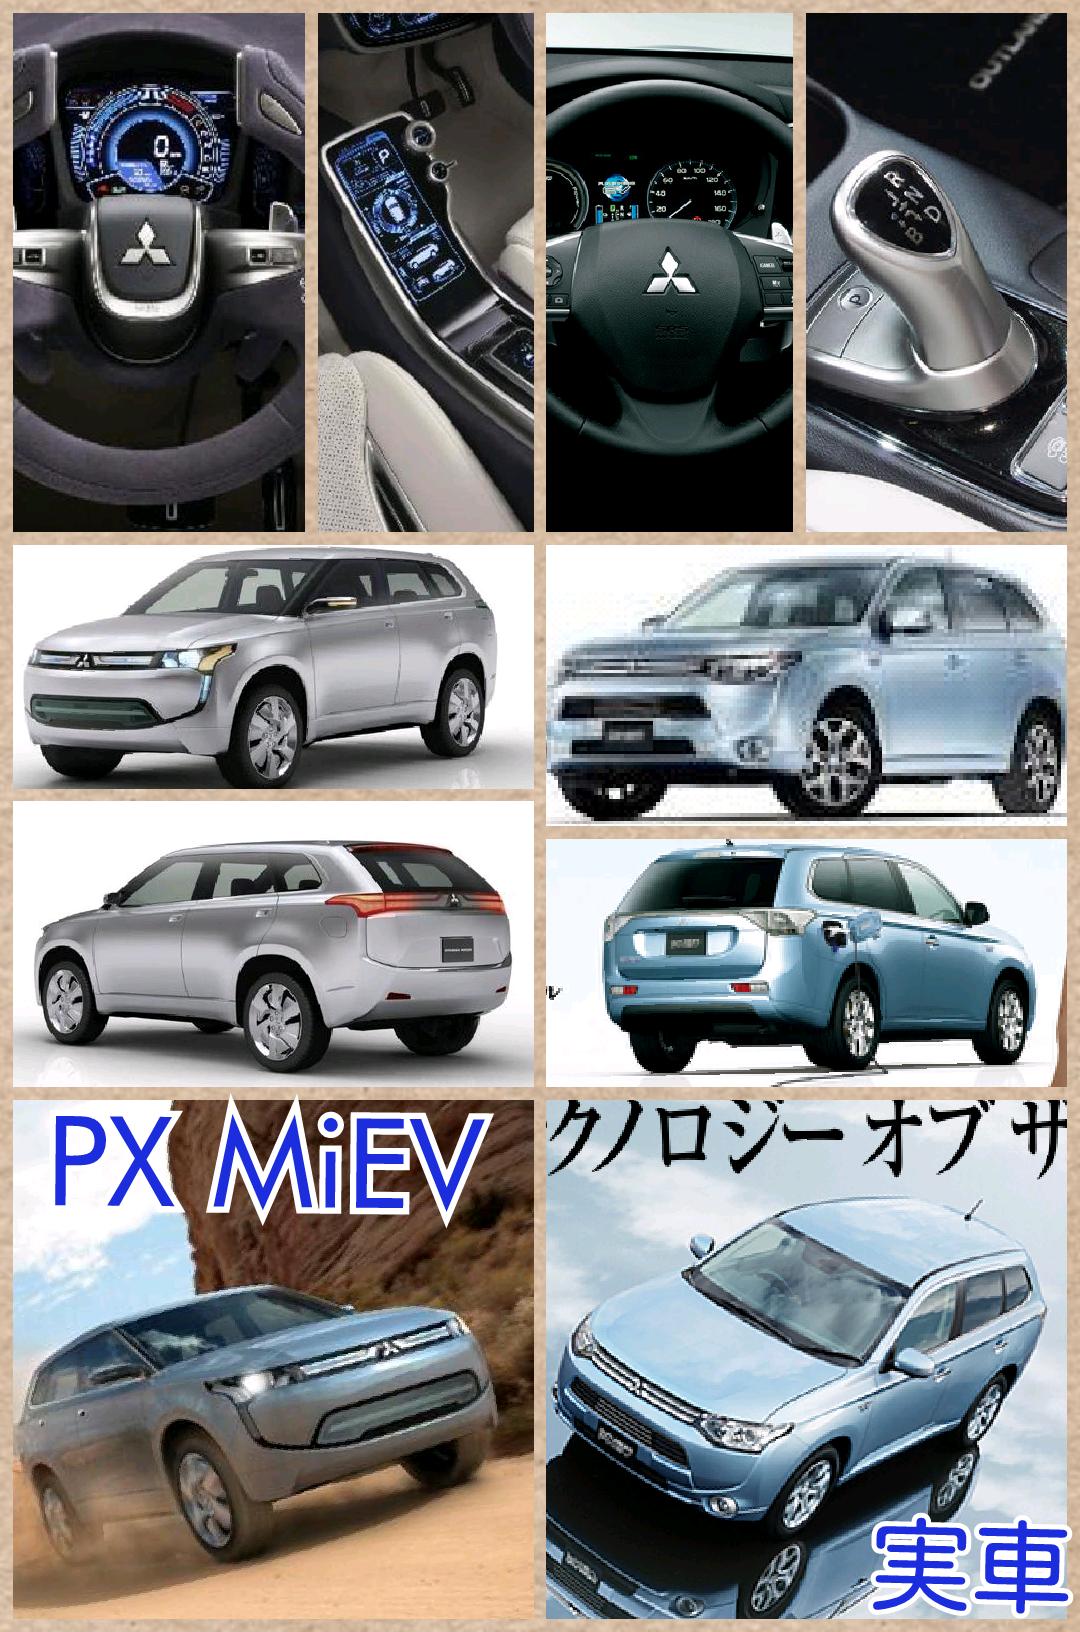 アウトランダーとPX MiEV